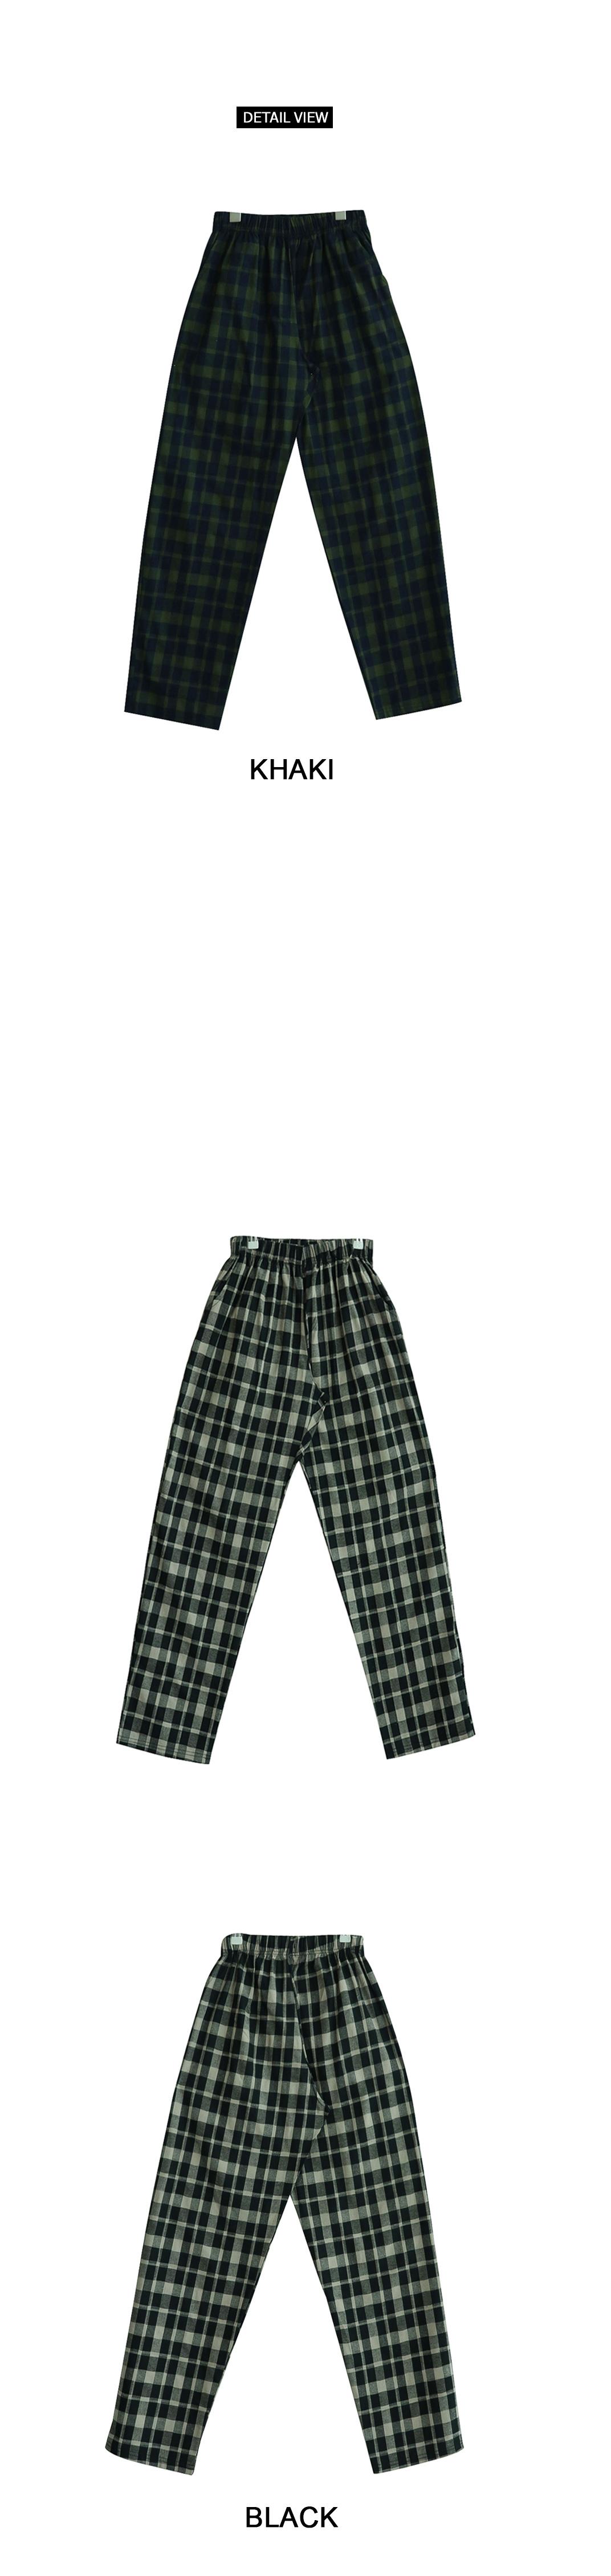 Balance check pants